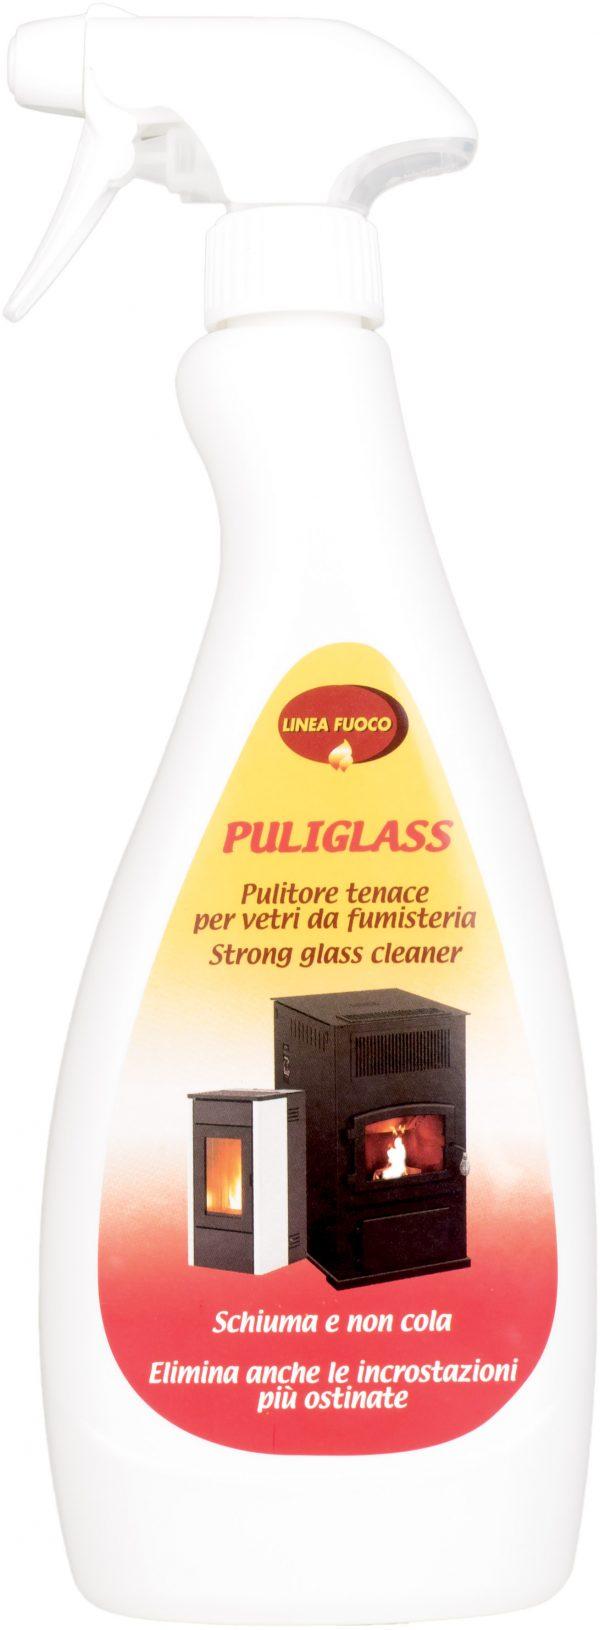 prodotti per camino e caldaia, pulitore